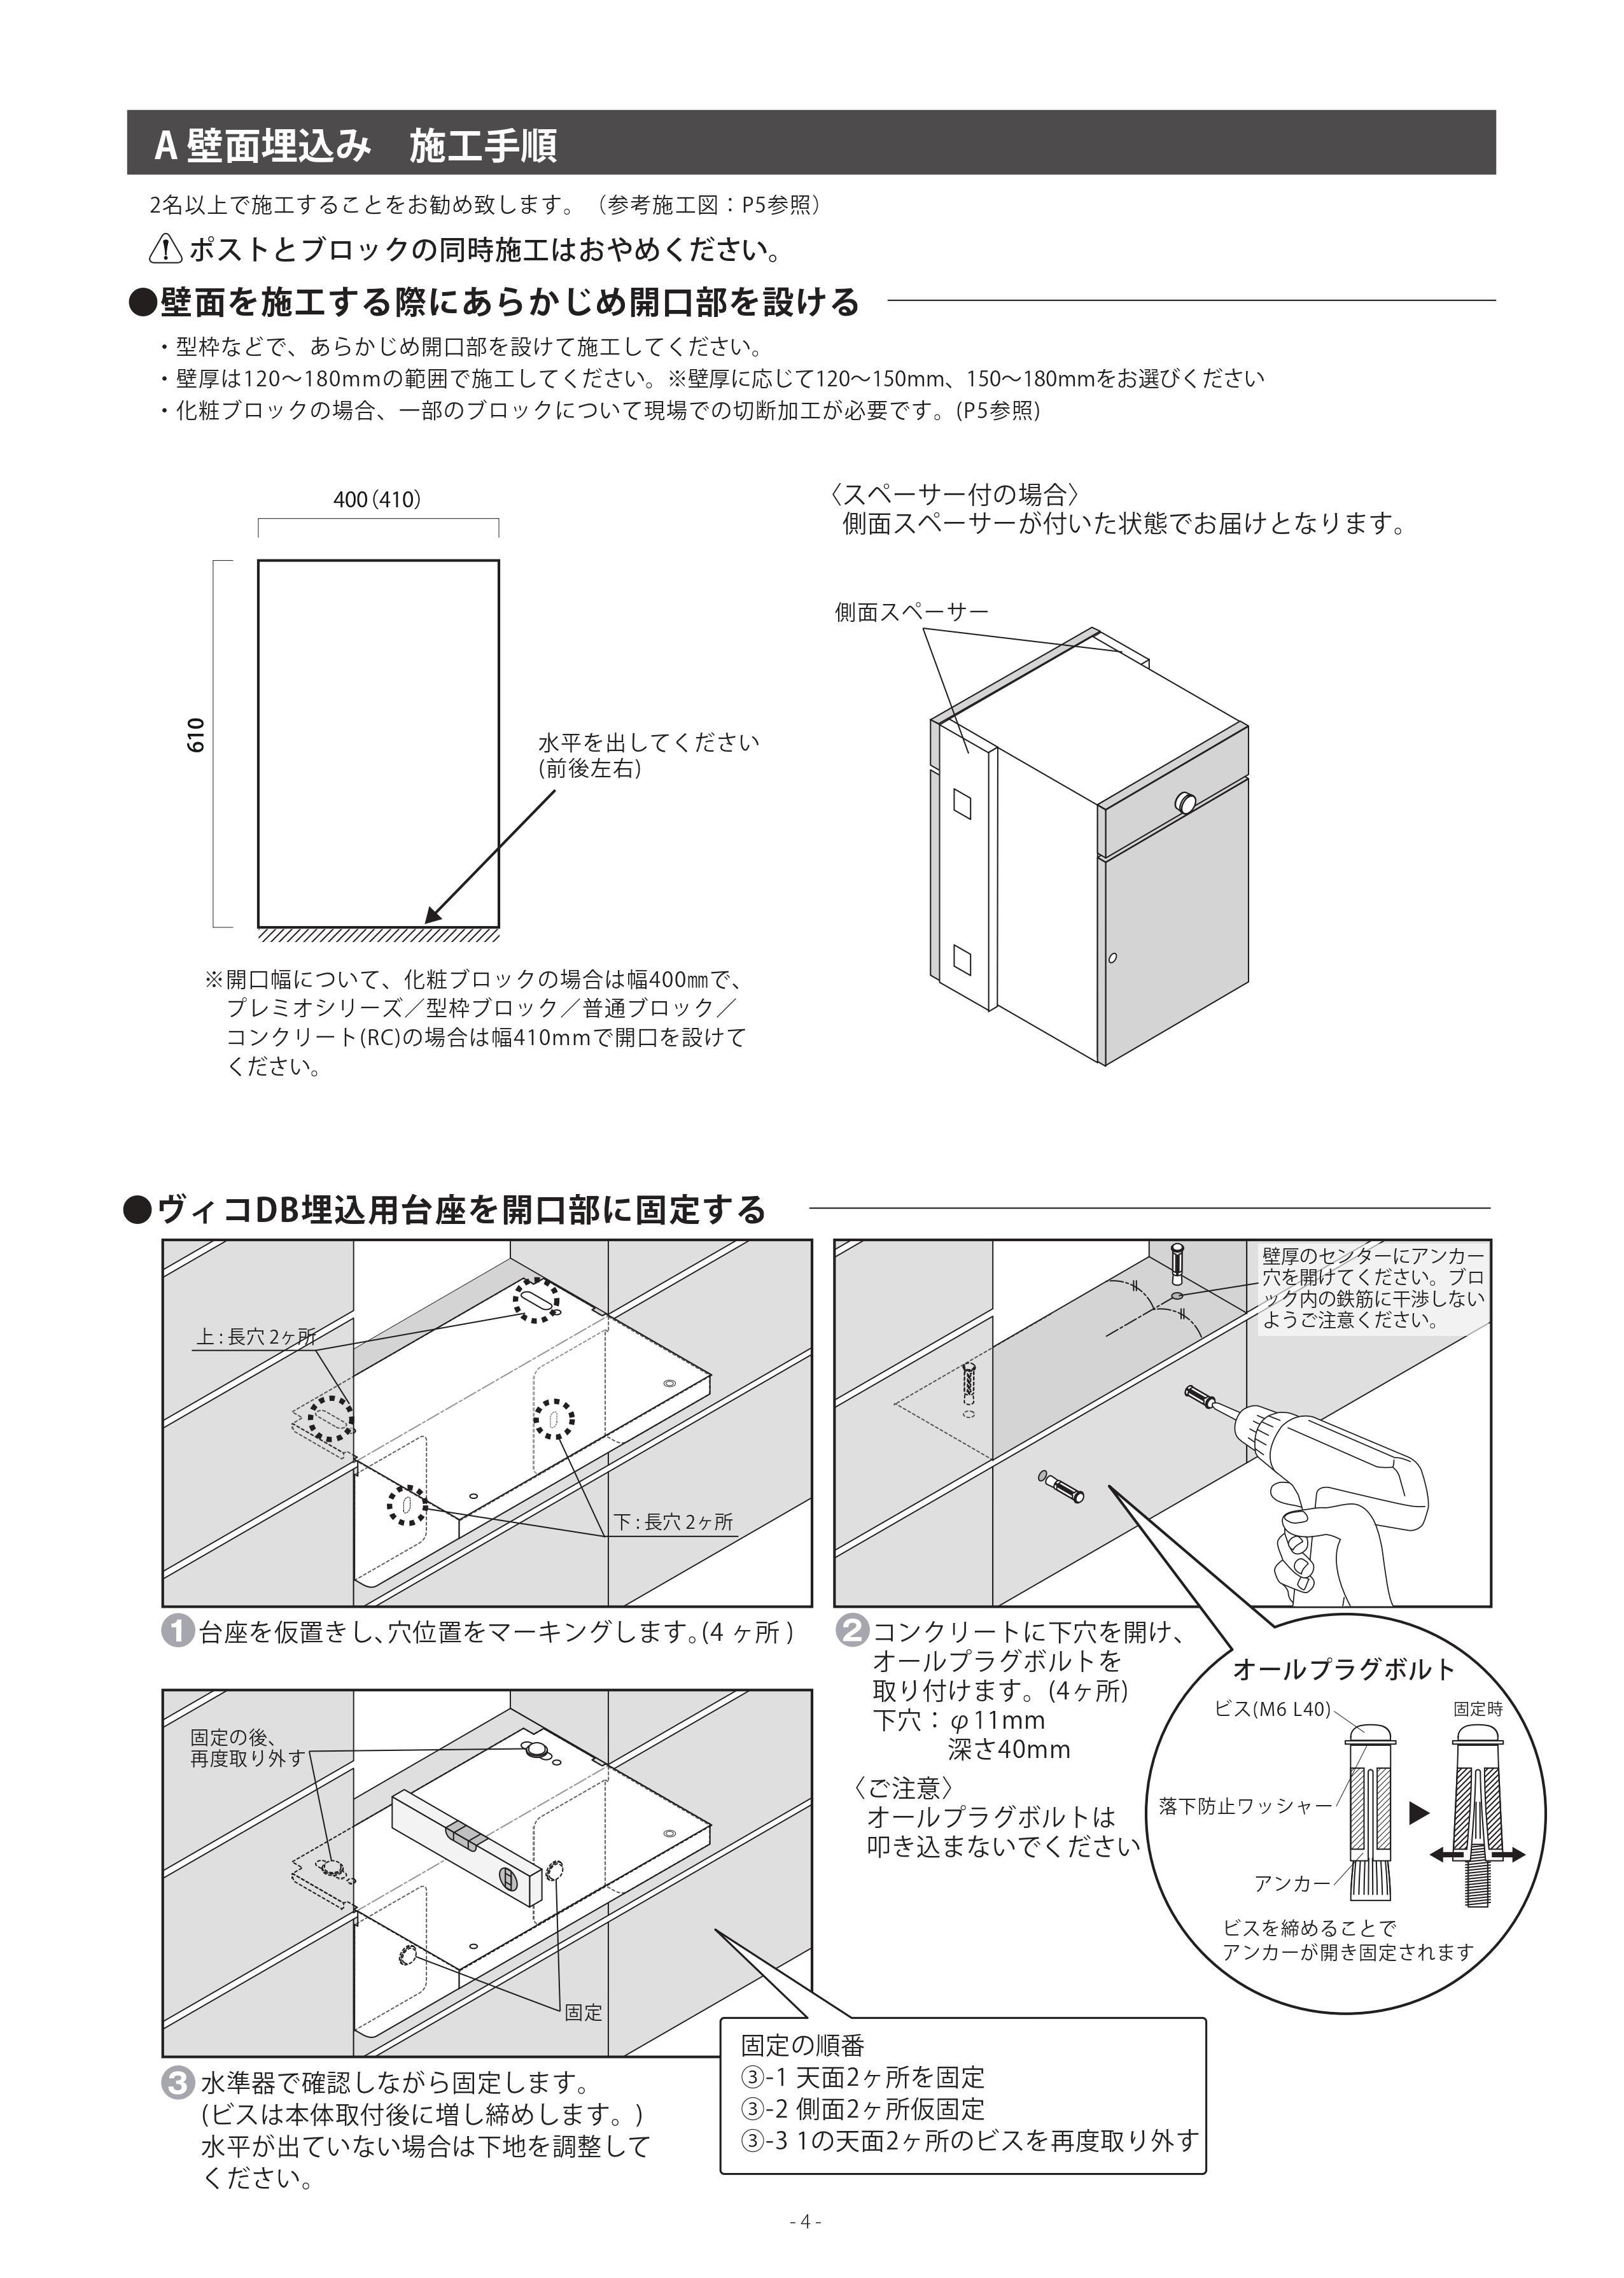 ヴィコDB埋込用台座_取扱説明書 (12)